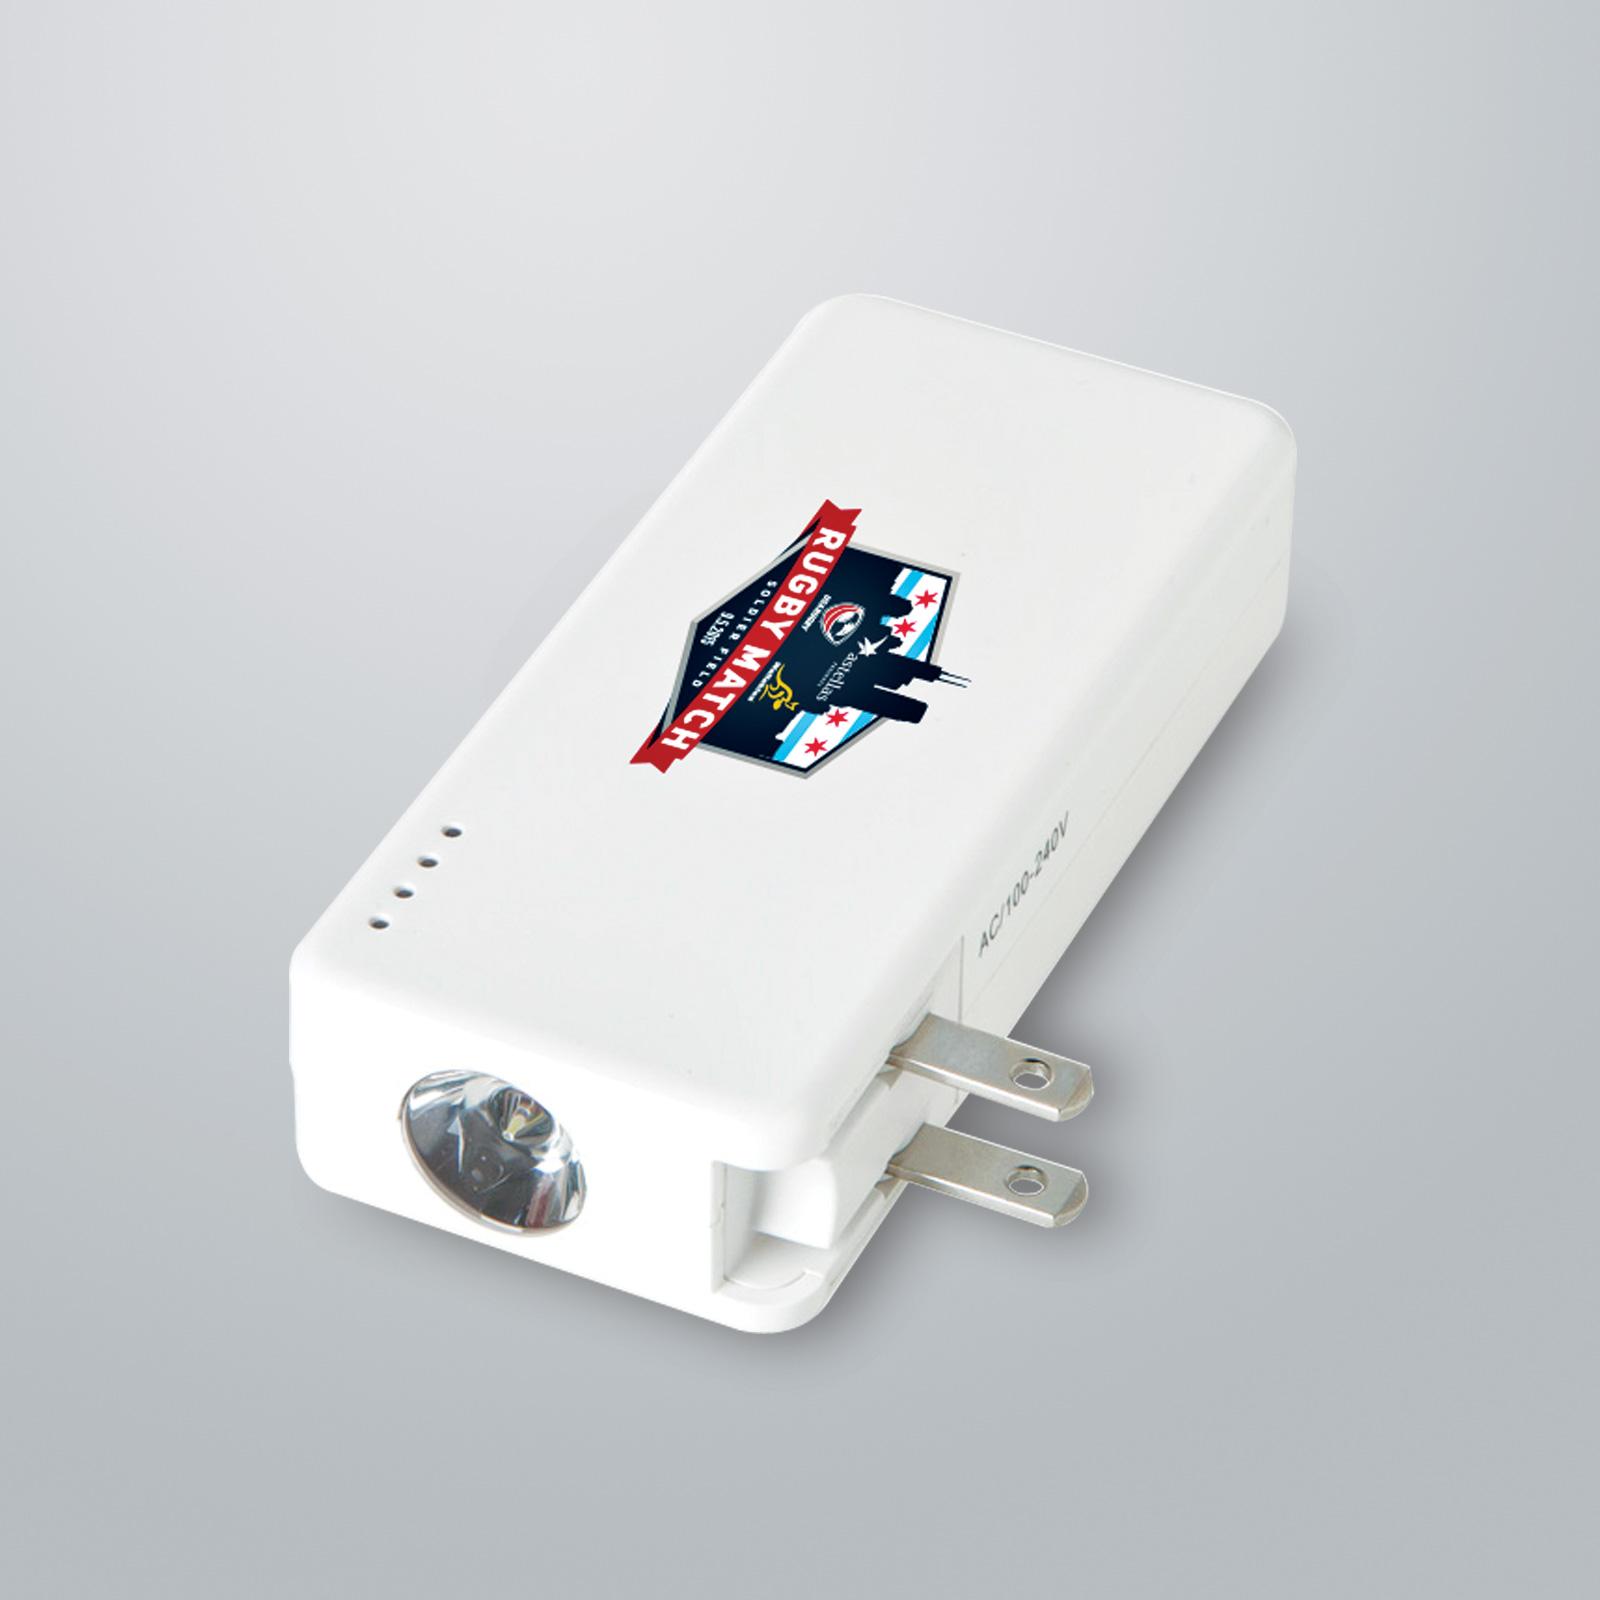 PC3520WT